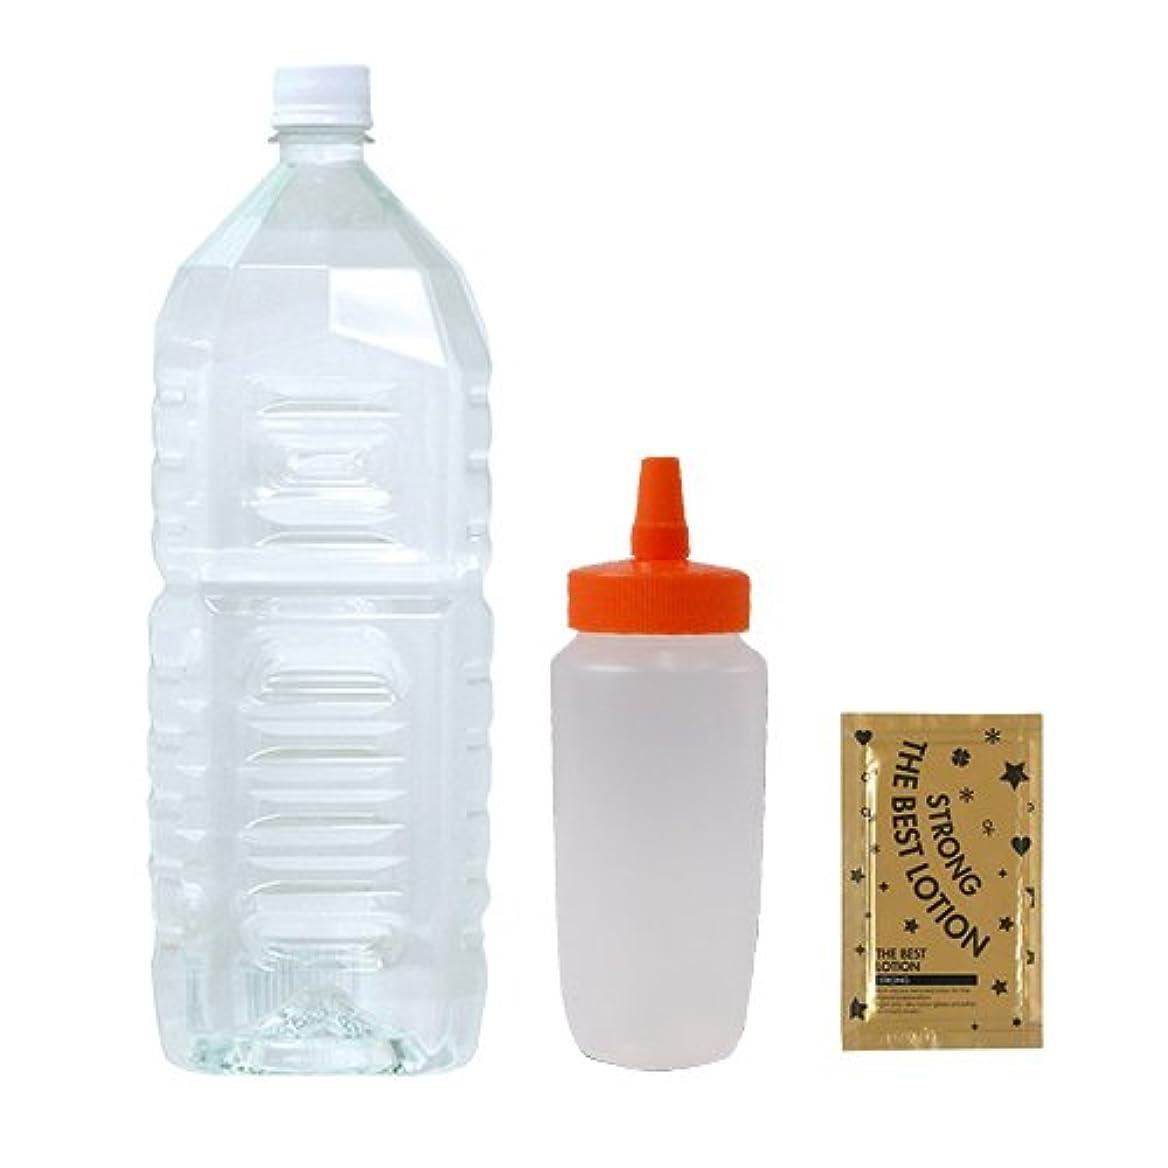 印象的な繰り返したカートンクリアローション 2Lペットボトル ソフトタイプ 業務用ローション + はちみつ容器360ml(オレンジキャップ)+ ベストローションストロング 1包付き セット